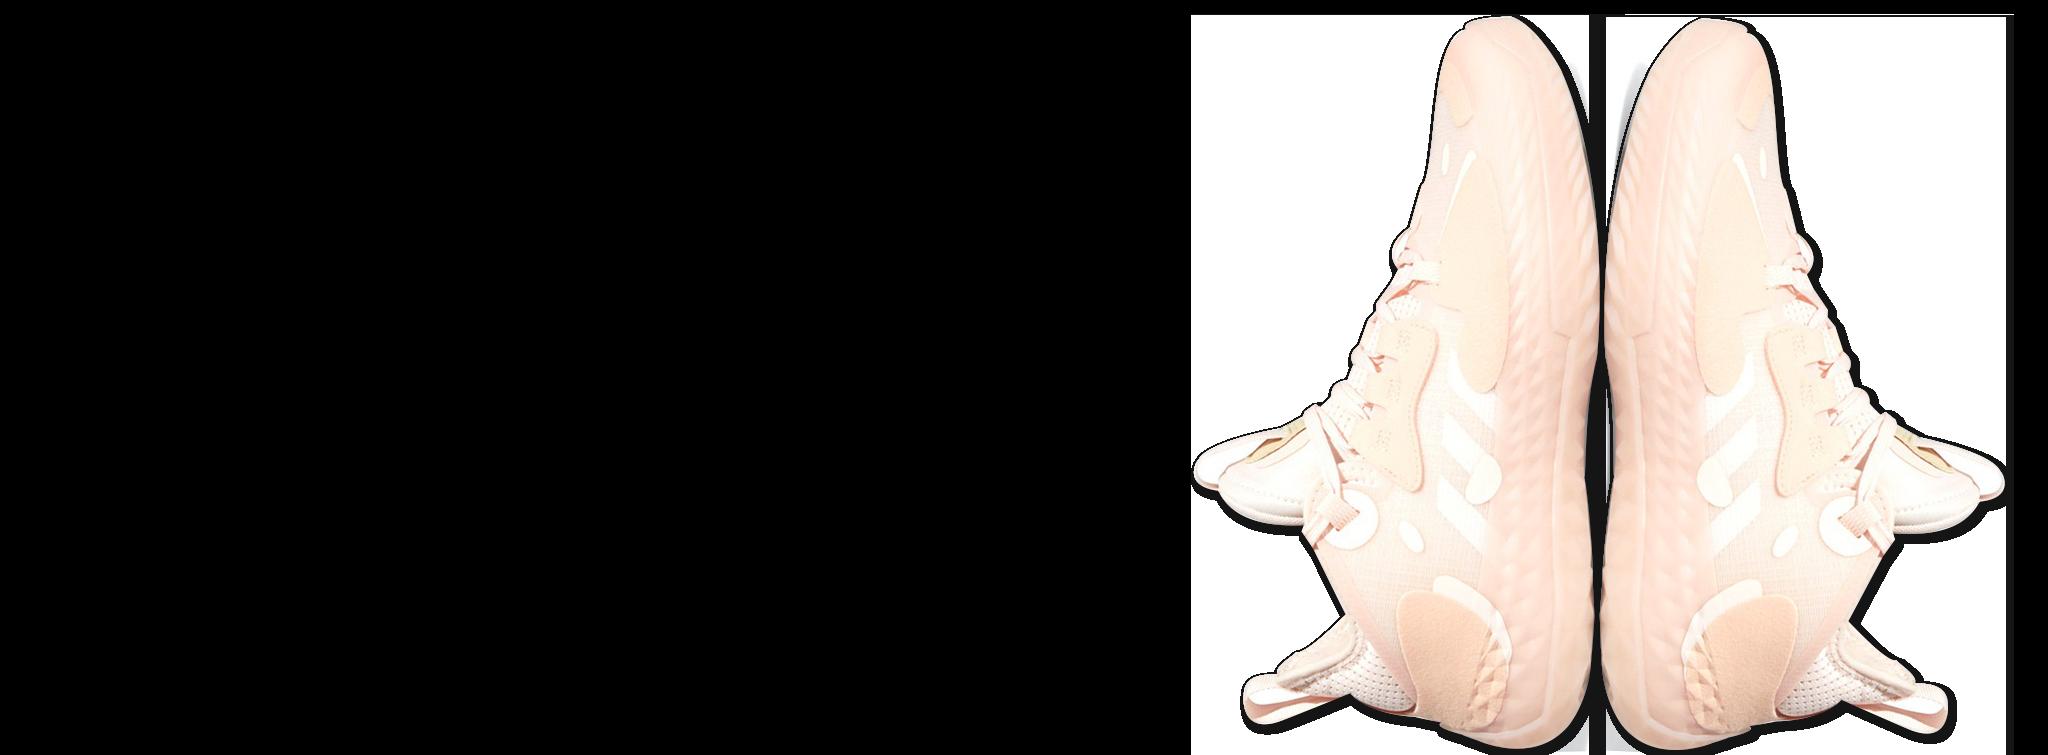 scarpeharden